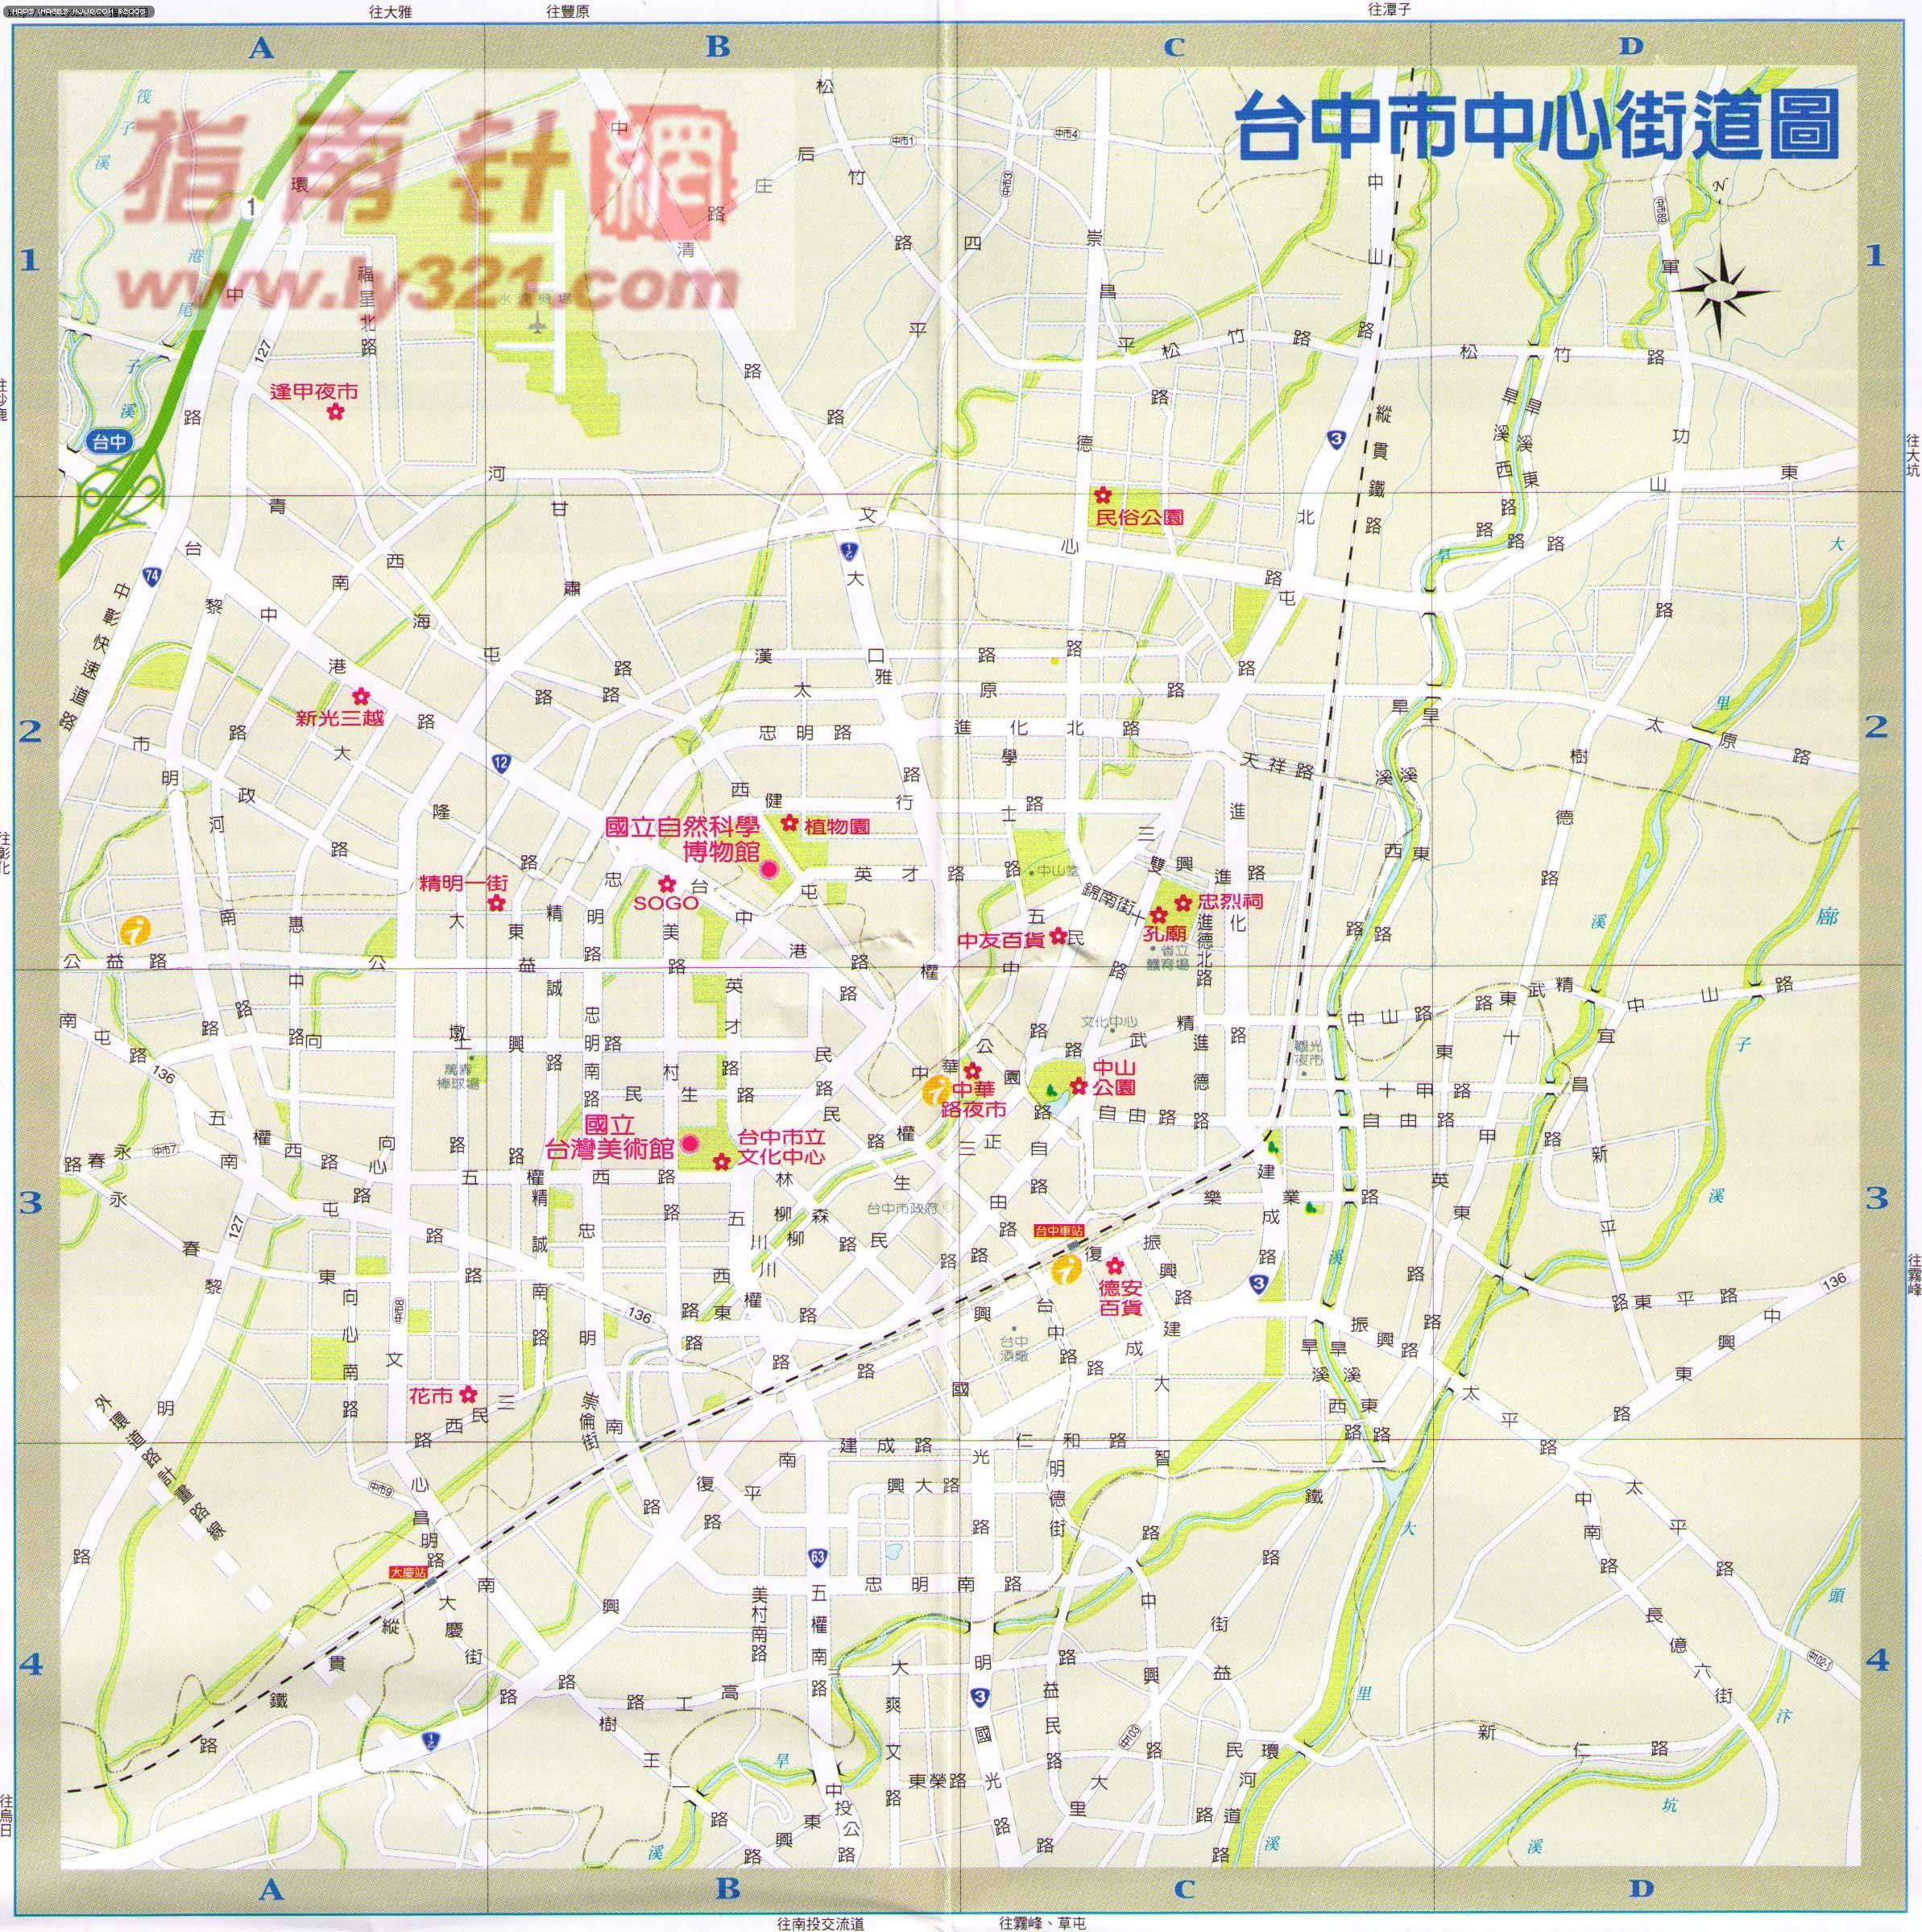 臺中市中心街道地圖 - 臺灣地圖 Taiwan Maps - 美景旅游網